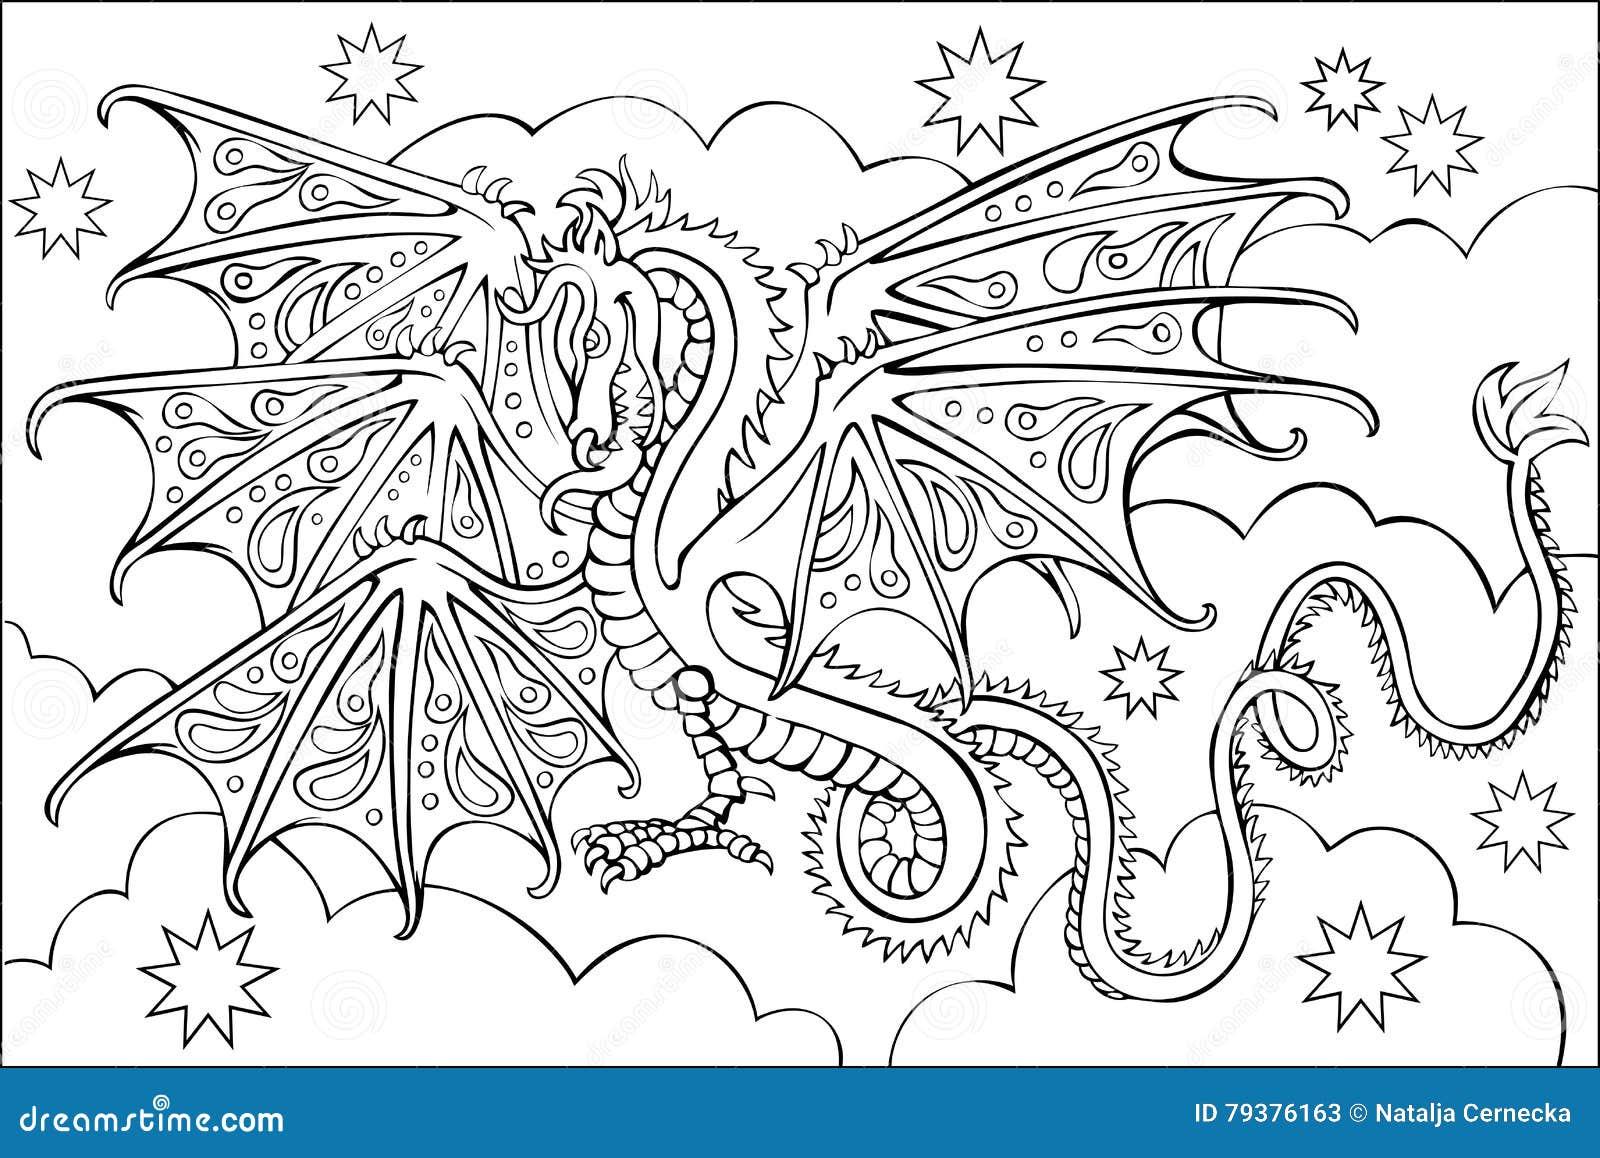 Página Con El Dibujo Blanco Y Negro Del Dragón Para Colorear ...